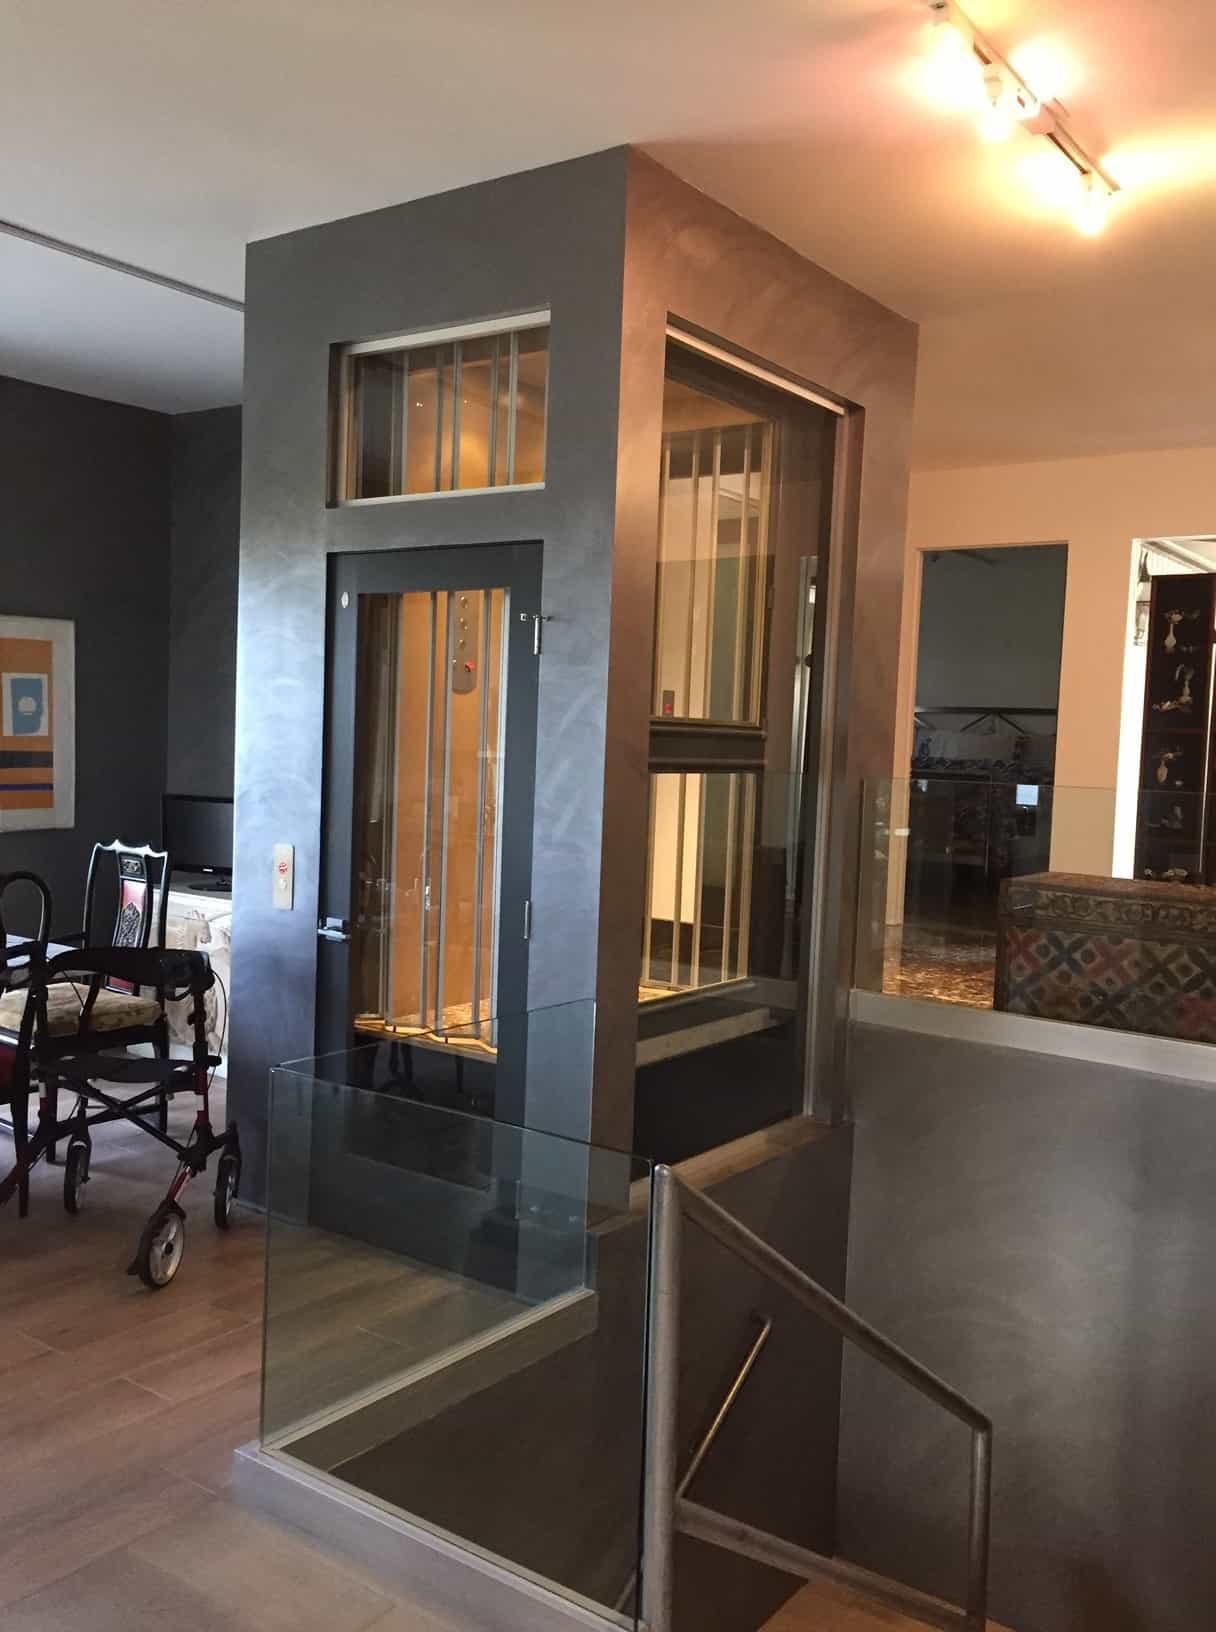 Residential_Elevator_Glass_2-min.jpg